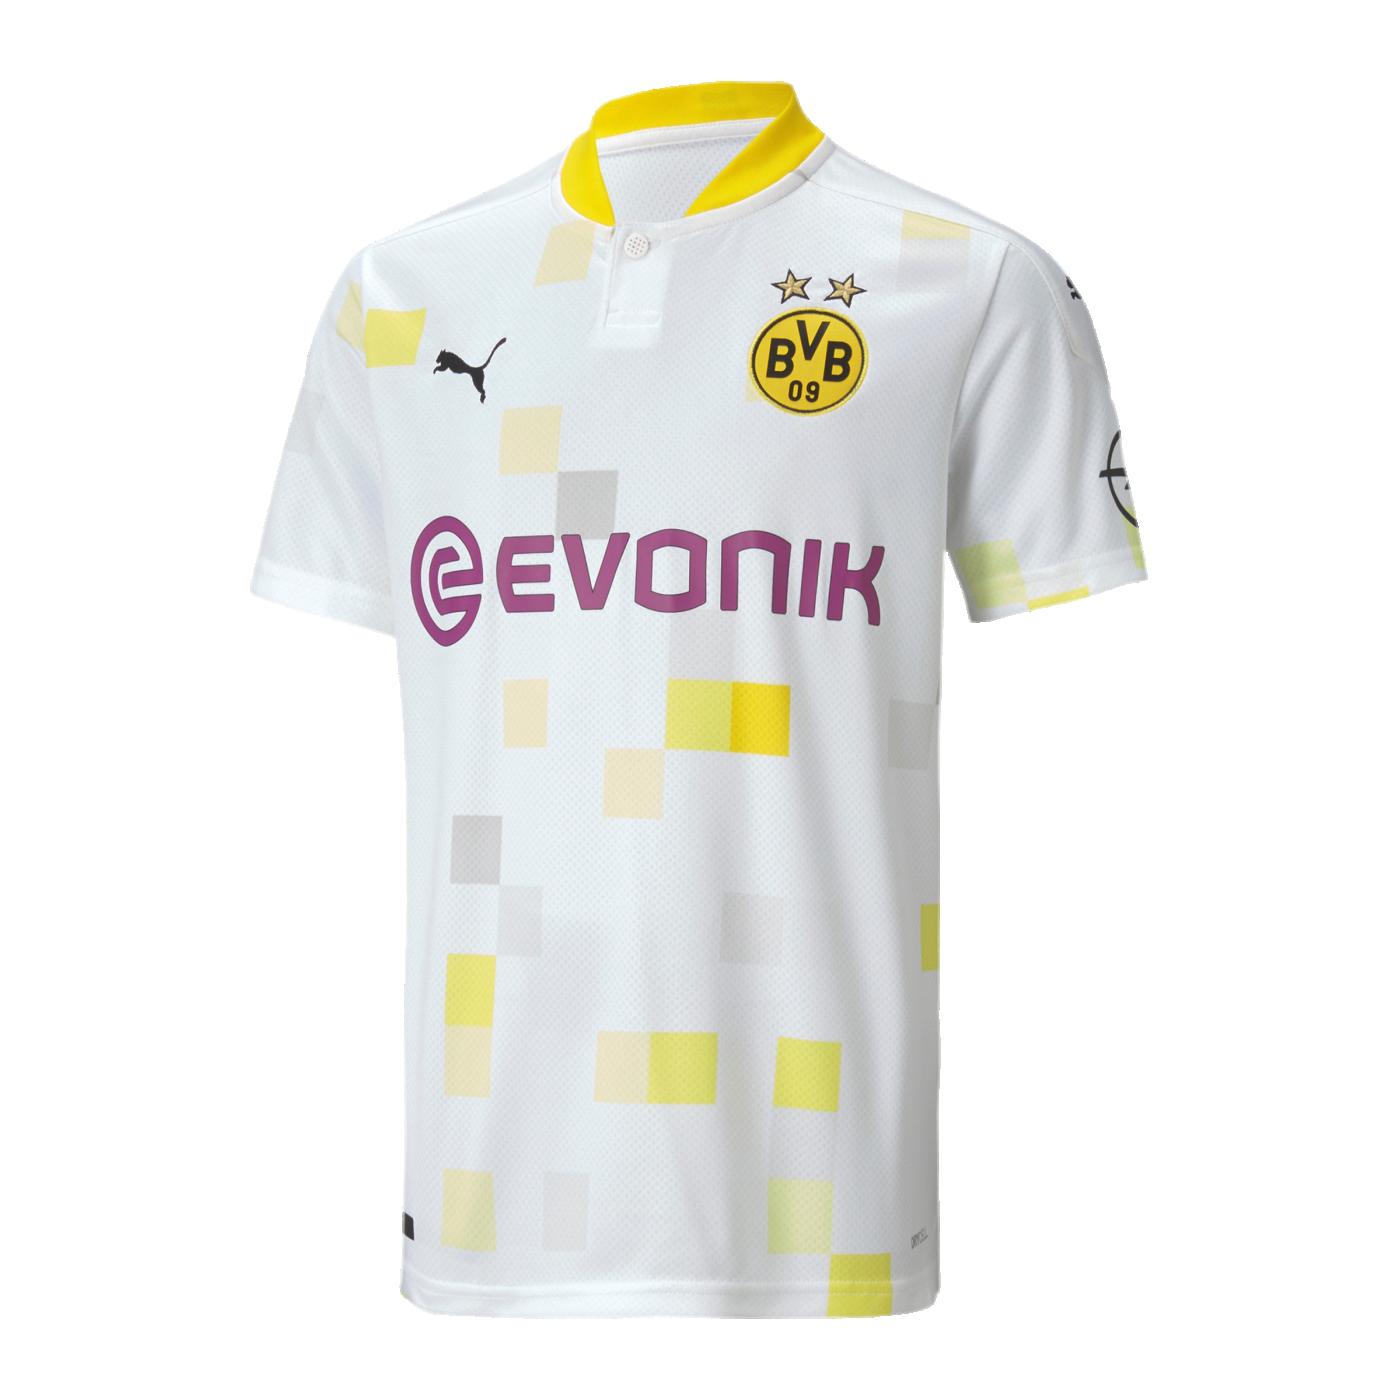 Bvb Dortmund Trikot 3rd 2020 2021 Kids Weiss F03 Replicas Fanshop Jersey